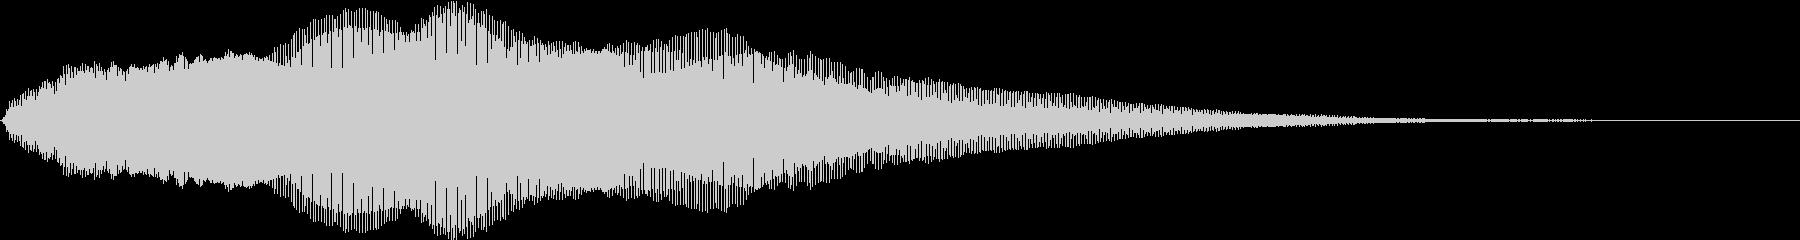 【ダーク】ブーンッッッ・・・の未再生の波形